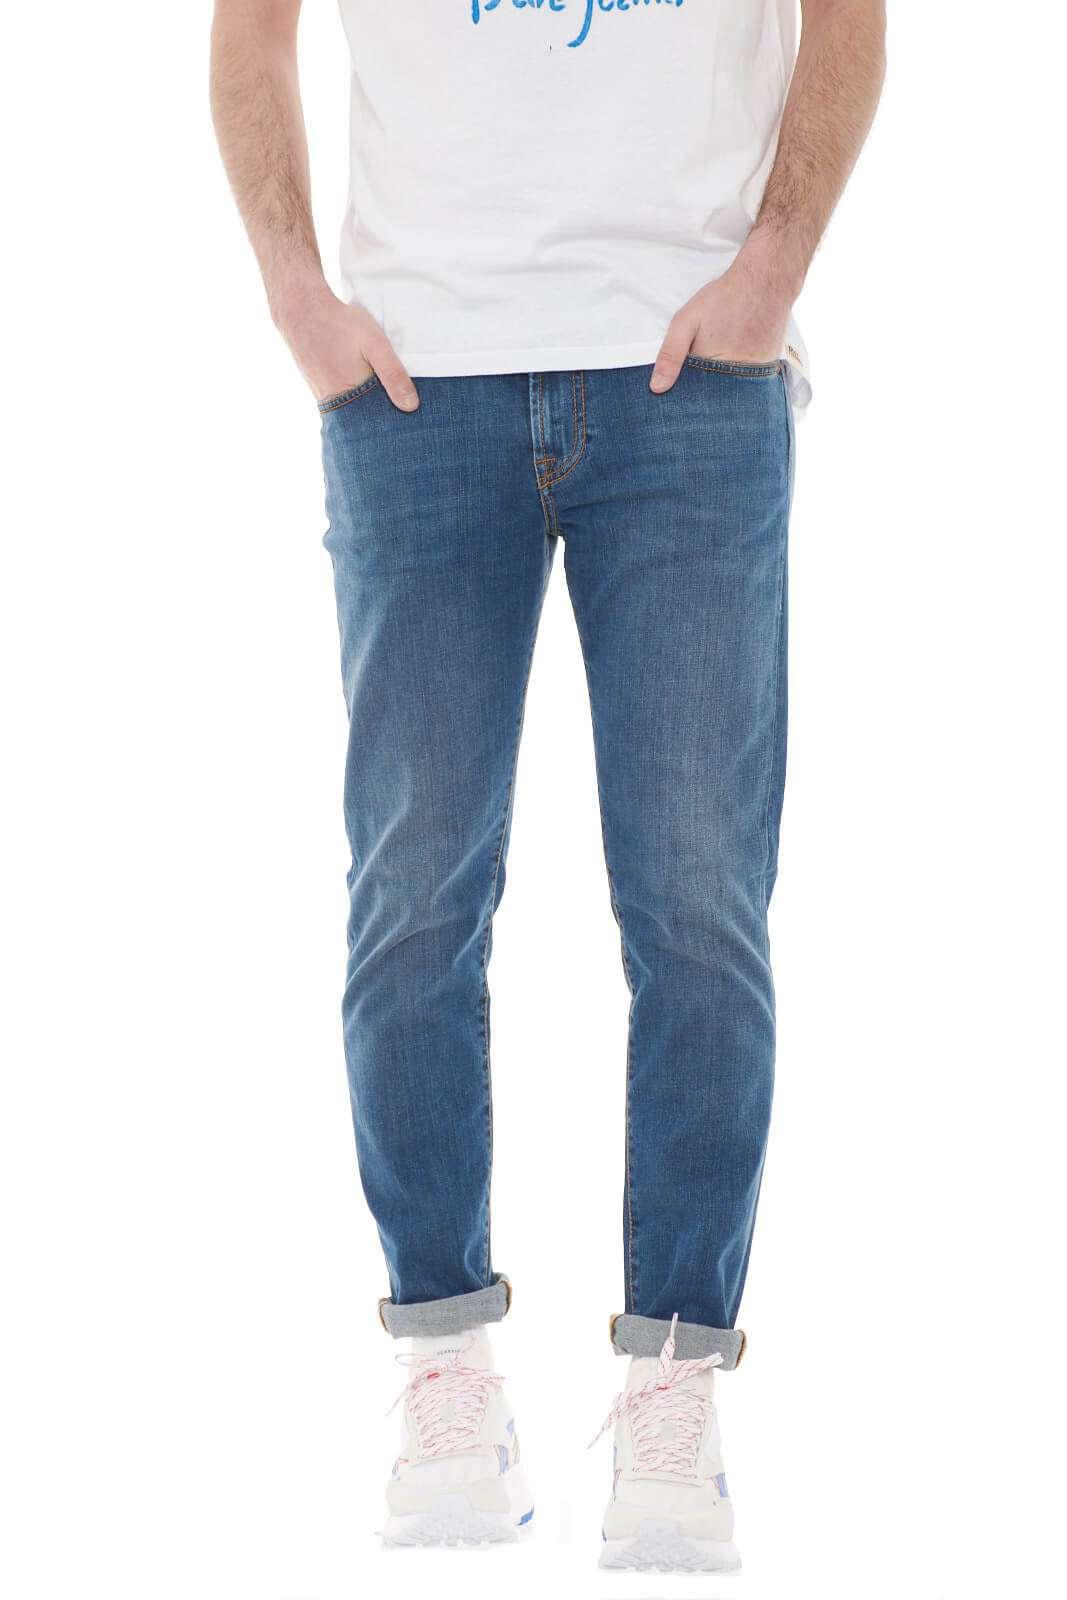 Un jeans icona della moda uomo, il Weared 10 firmato dalla collezione Roy Roger's è un capo essenziale e glamour. Da indossare con ogni look conquista con il suo lavaggio e la sua linea minimal. Con una camicia in lino o con una giacca identifica un look sofisticato e quotidiano.